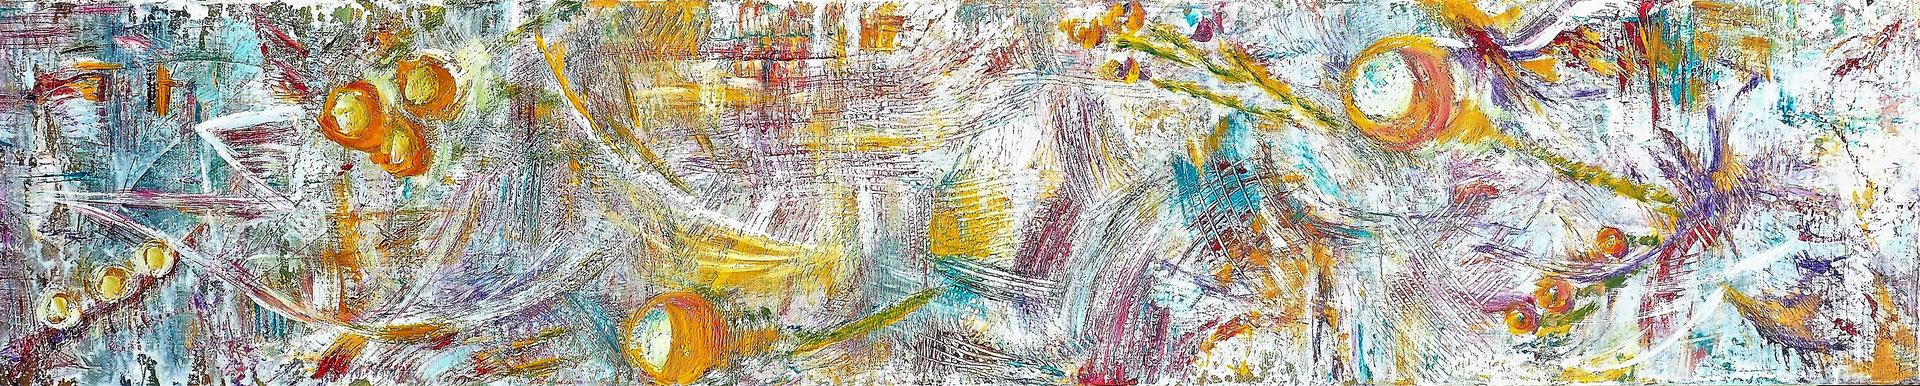 SCALLOPS; 30x150 cm; Acryl auf Leinen; Preis € 250,-